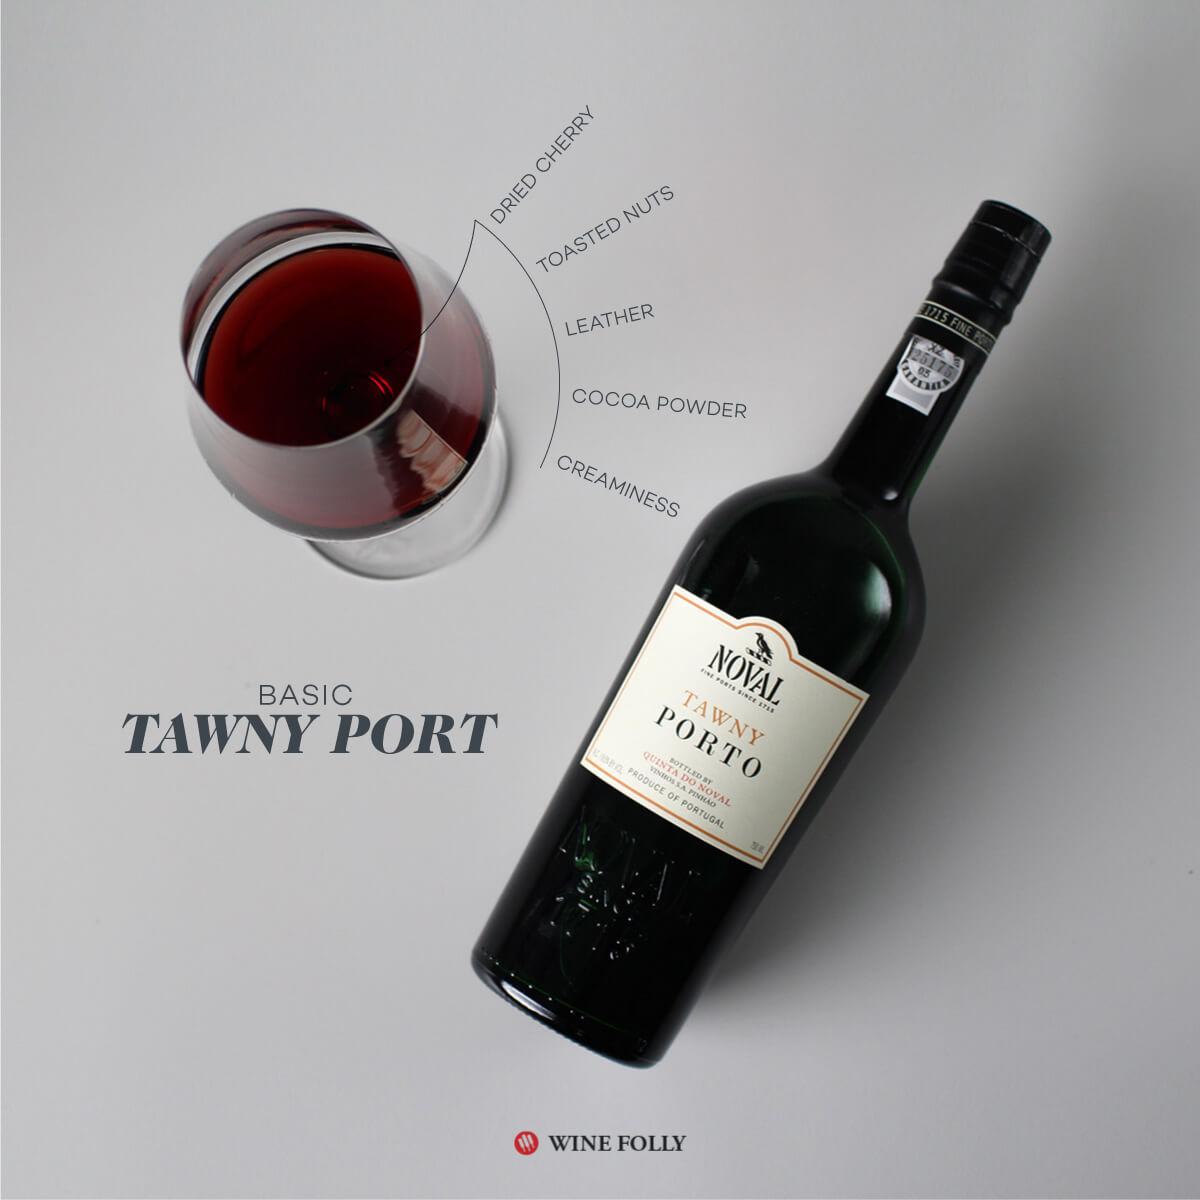 basic-tawny-port-quinta-do-noval-winefolly